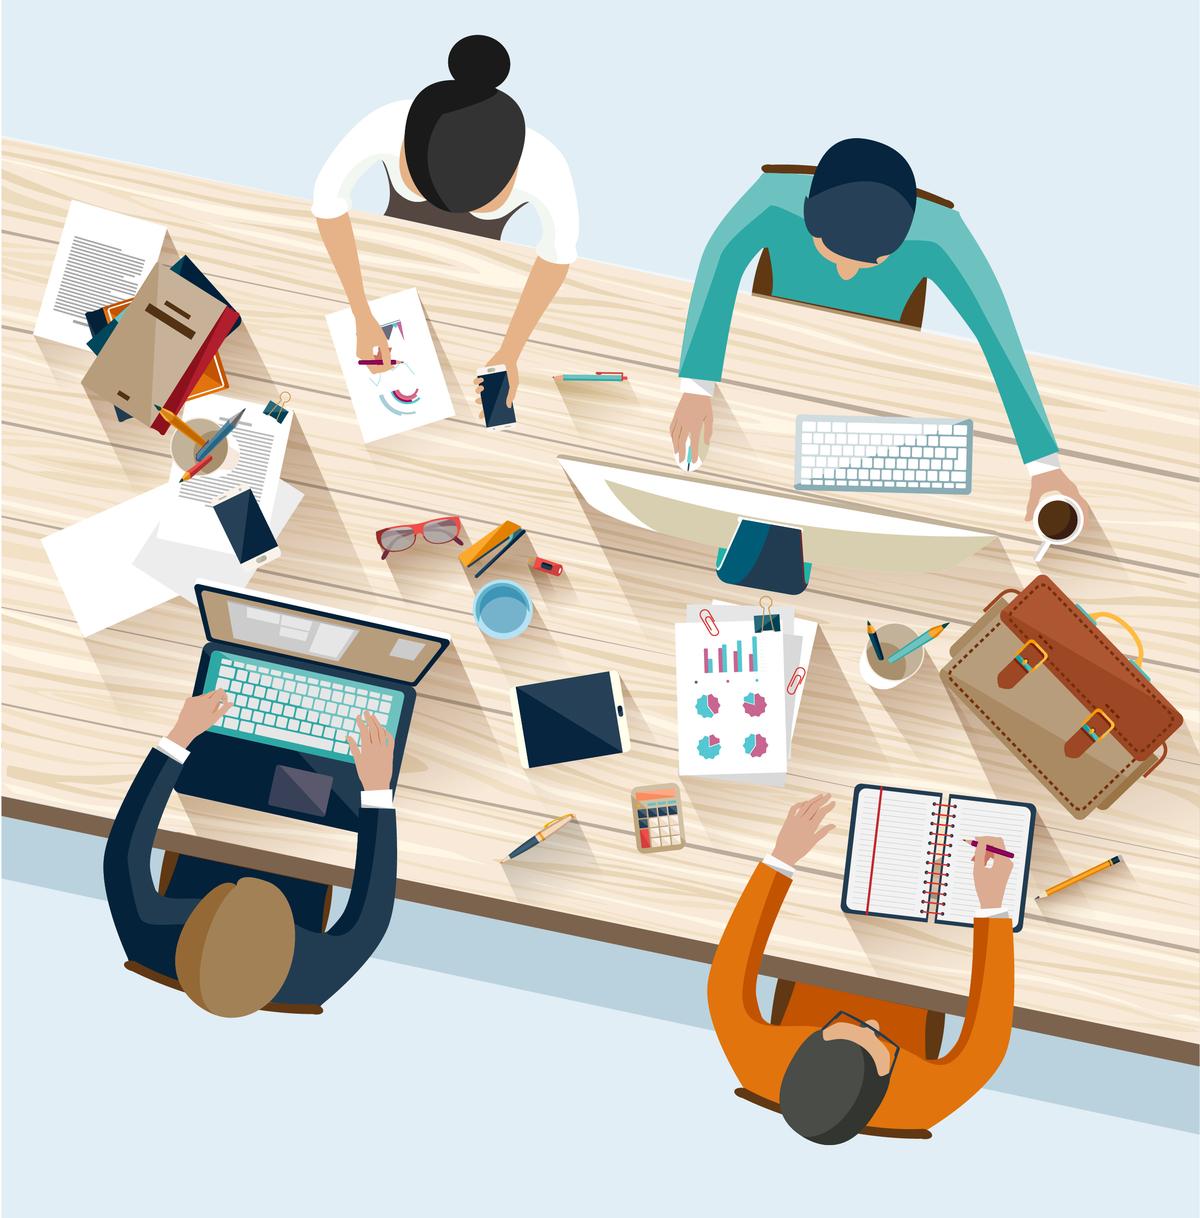 weekly team meeting